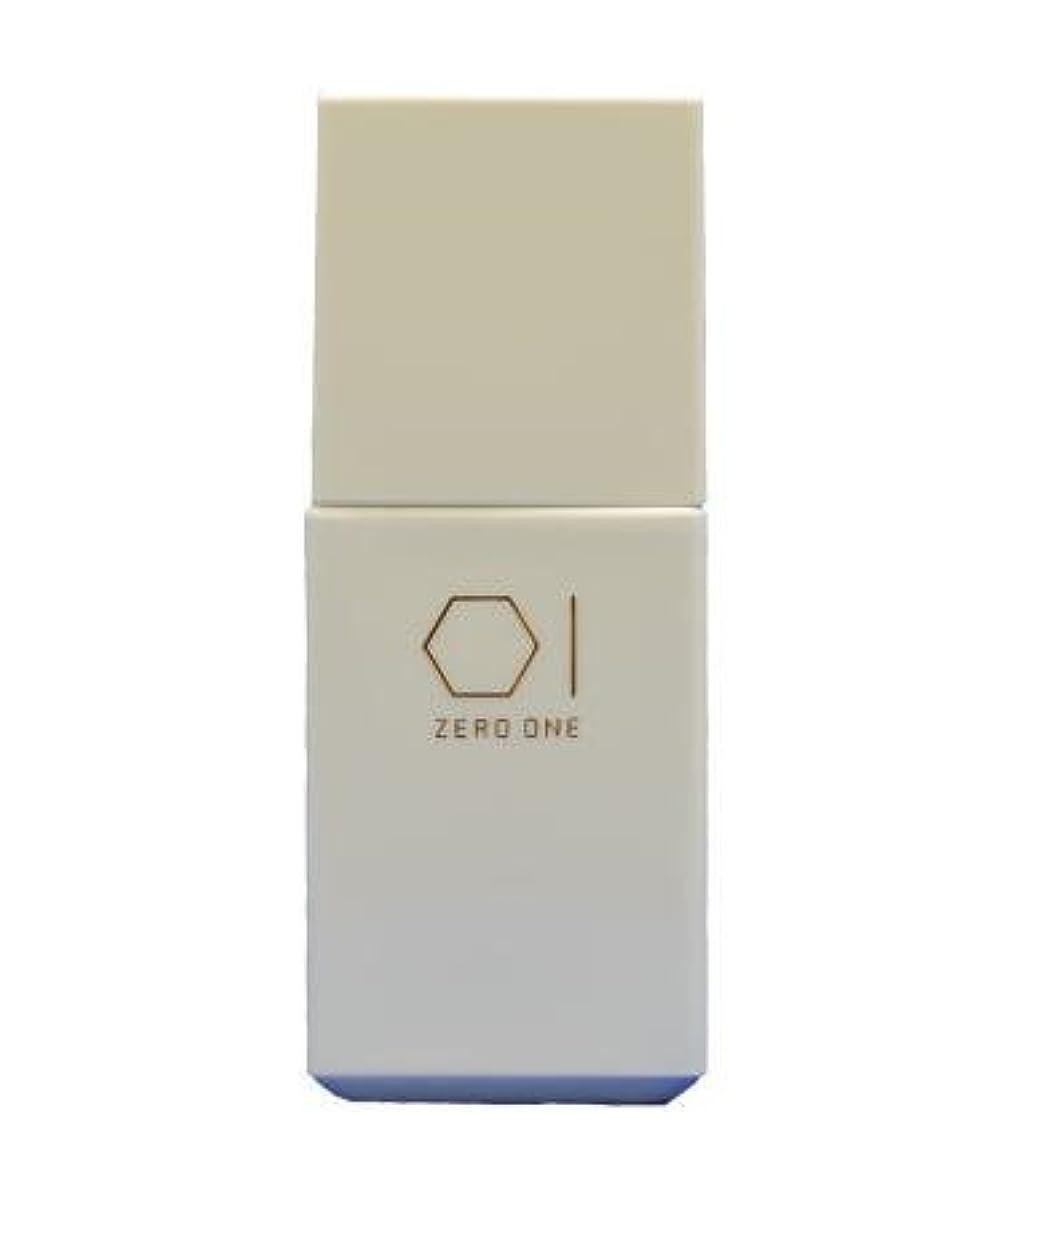 データム専門化する間違いなくZERO ONE(ゼロワン) 50ml